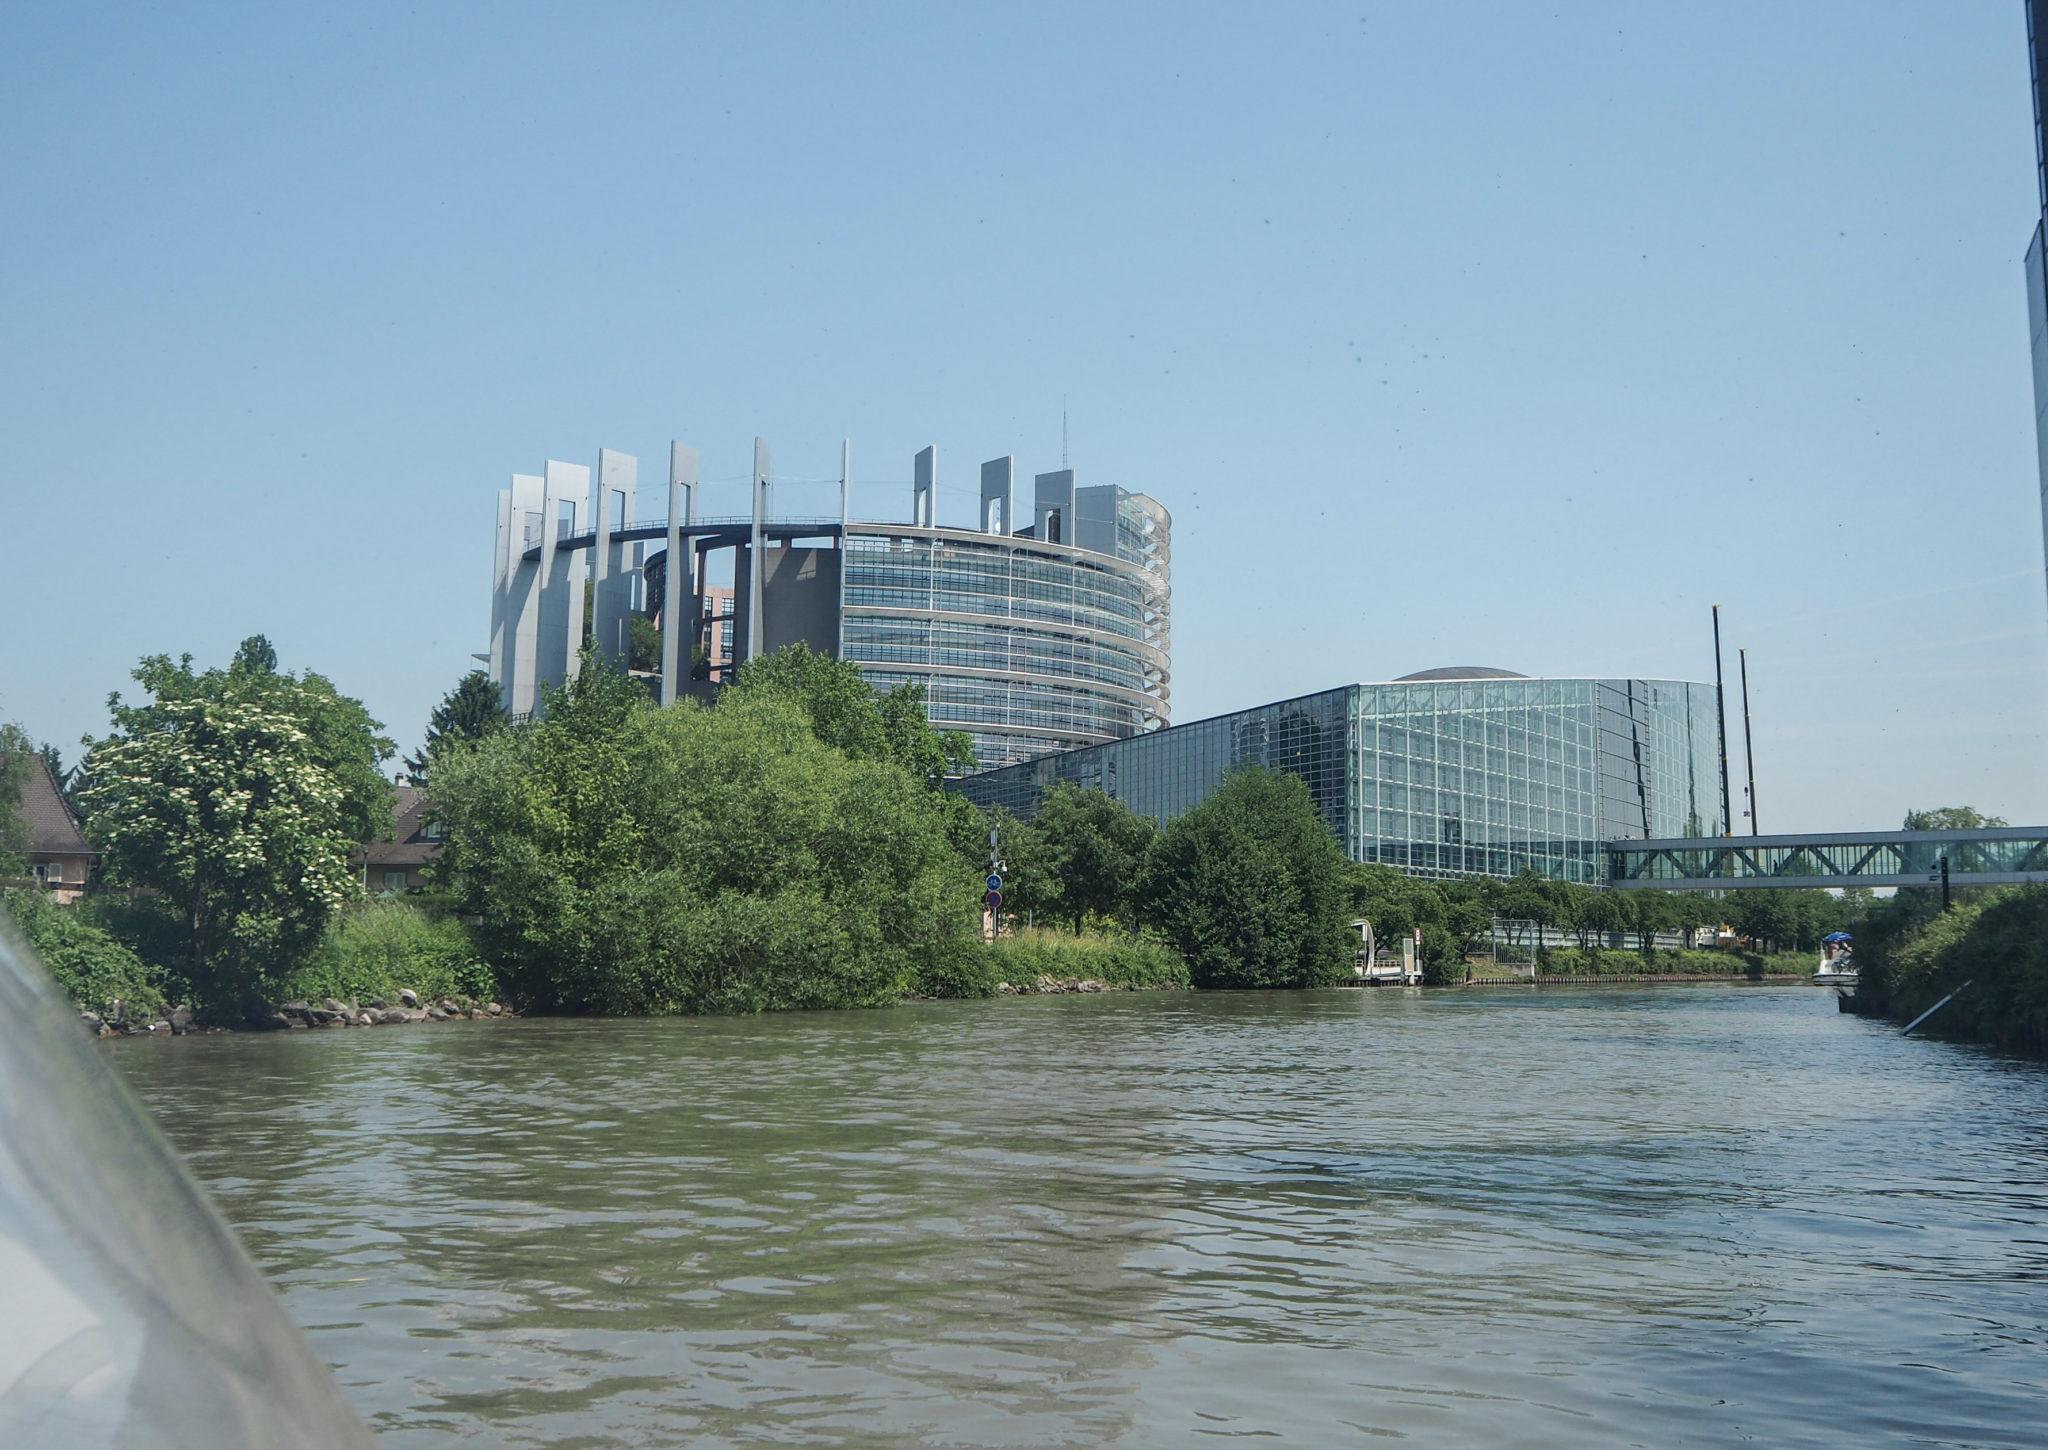 Le Parlement Européen à Strasbourg - Visiter Strasbourg au fil de l'eau: 2 jours dans la capitale alsacienne entre amies - Par Voyages et Vagabondages, le blog du voyage en solo au féminin - Récit, photos, conseils, idées de visite et bonnes adresses pour visiter Strasbourg